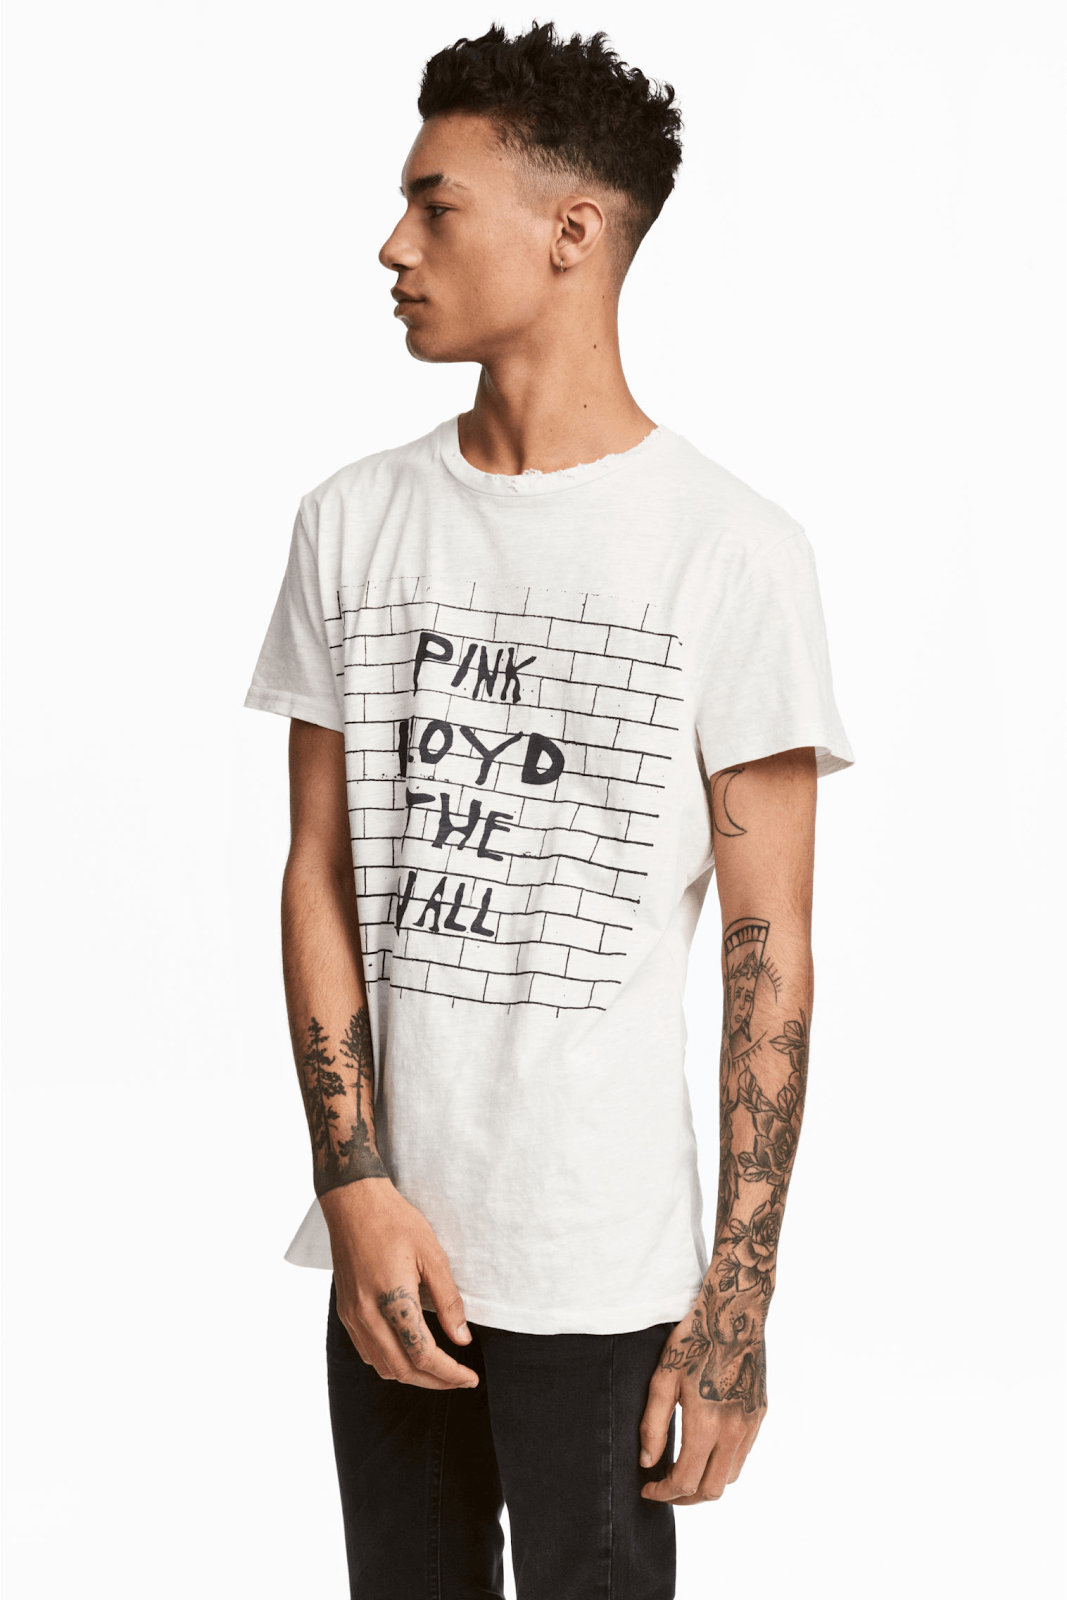 camisetas molonas, camiseta de pink floyd